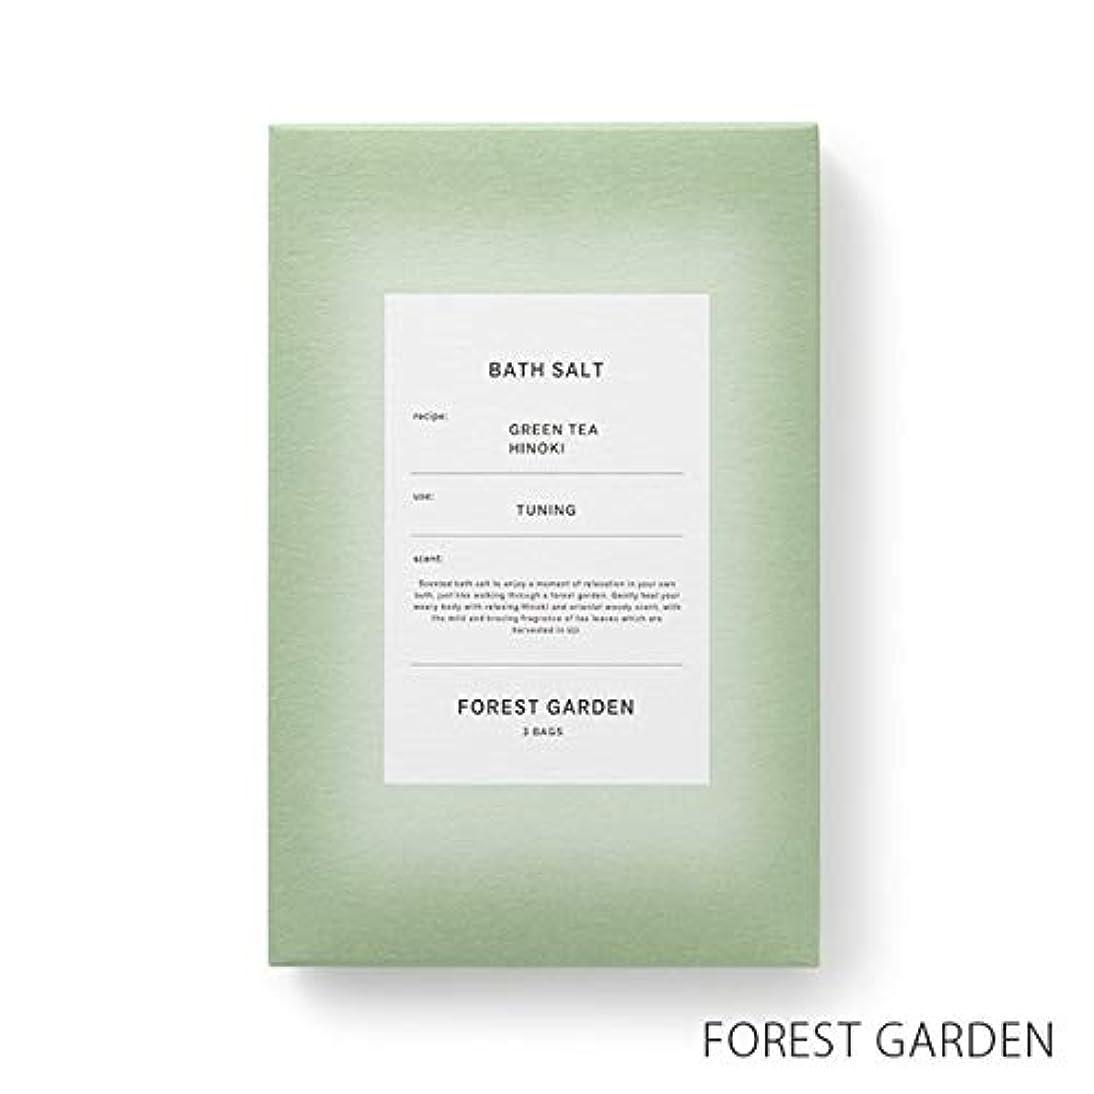 混雑トレイル線【薫玉堂】 バスソルト FOREST GARDEN 森の庭 緑 和 宇治茶の香り